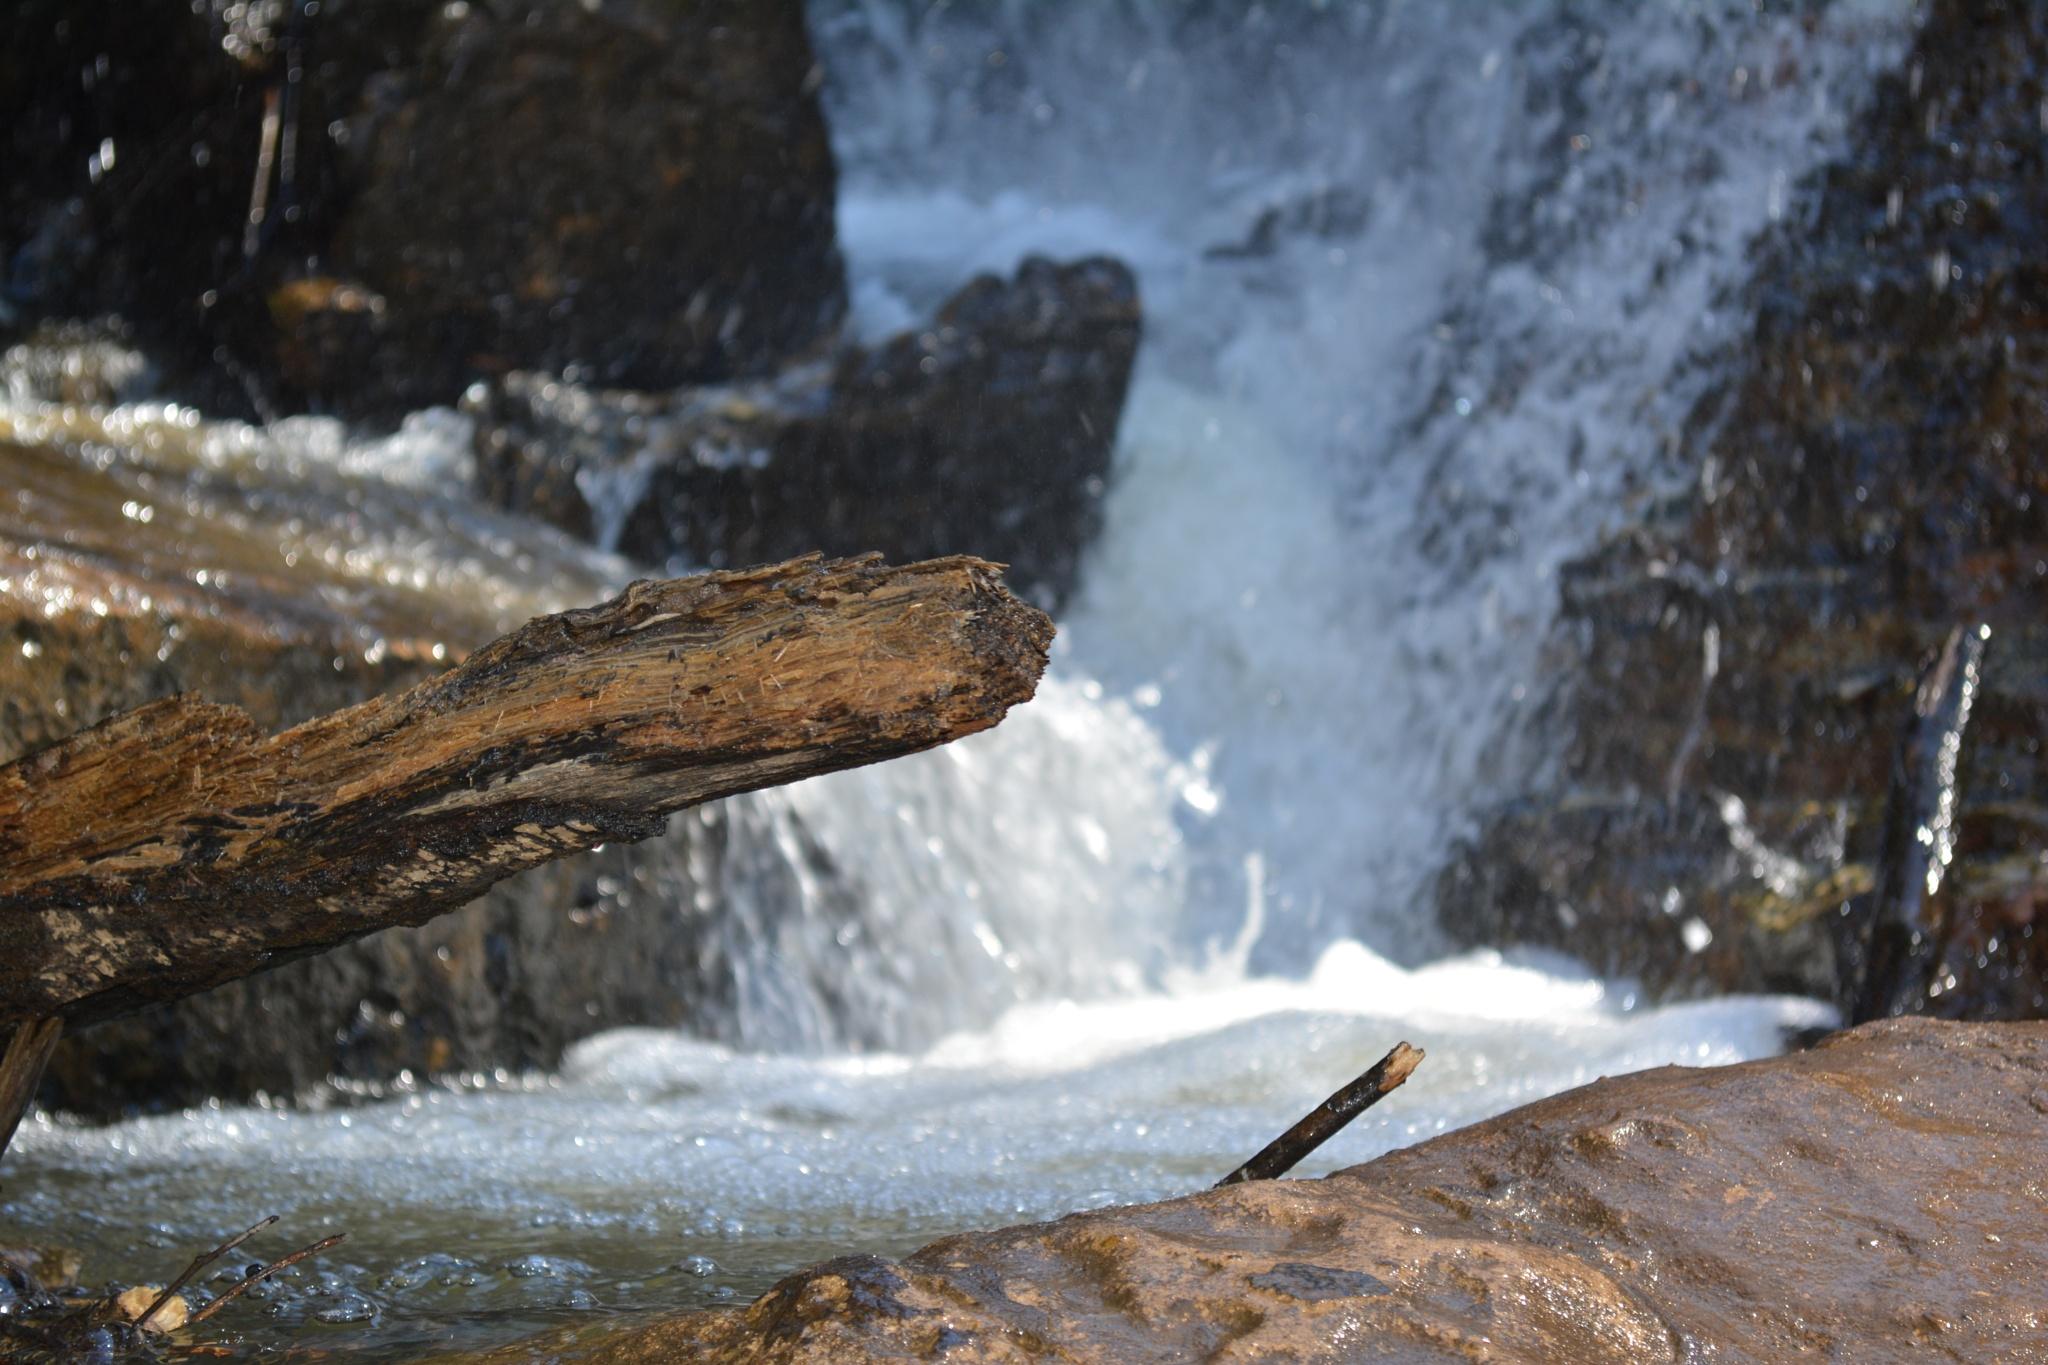 Waterfall Pools by Gena Koelker